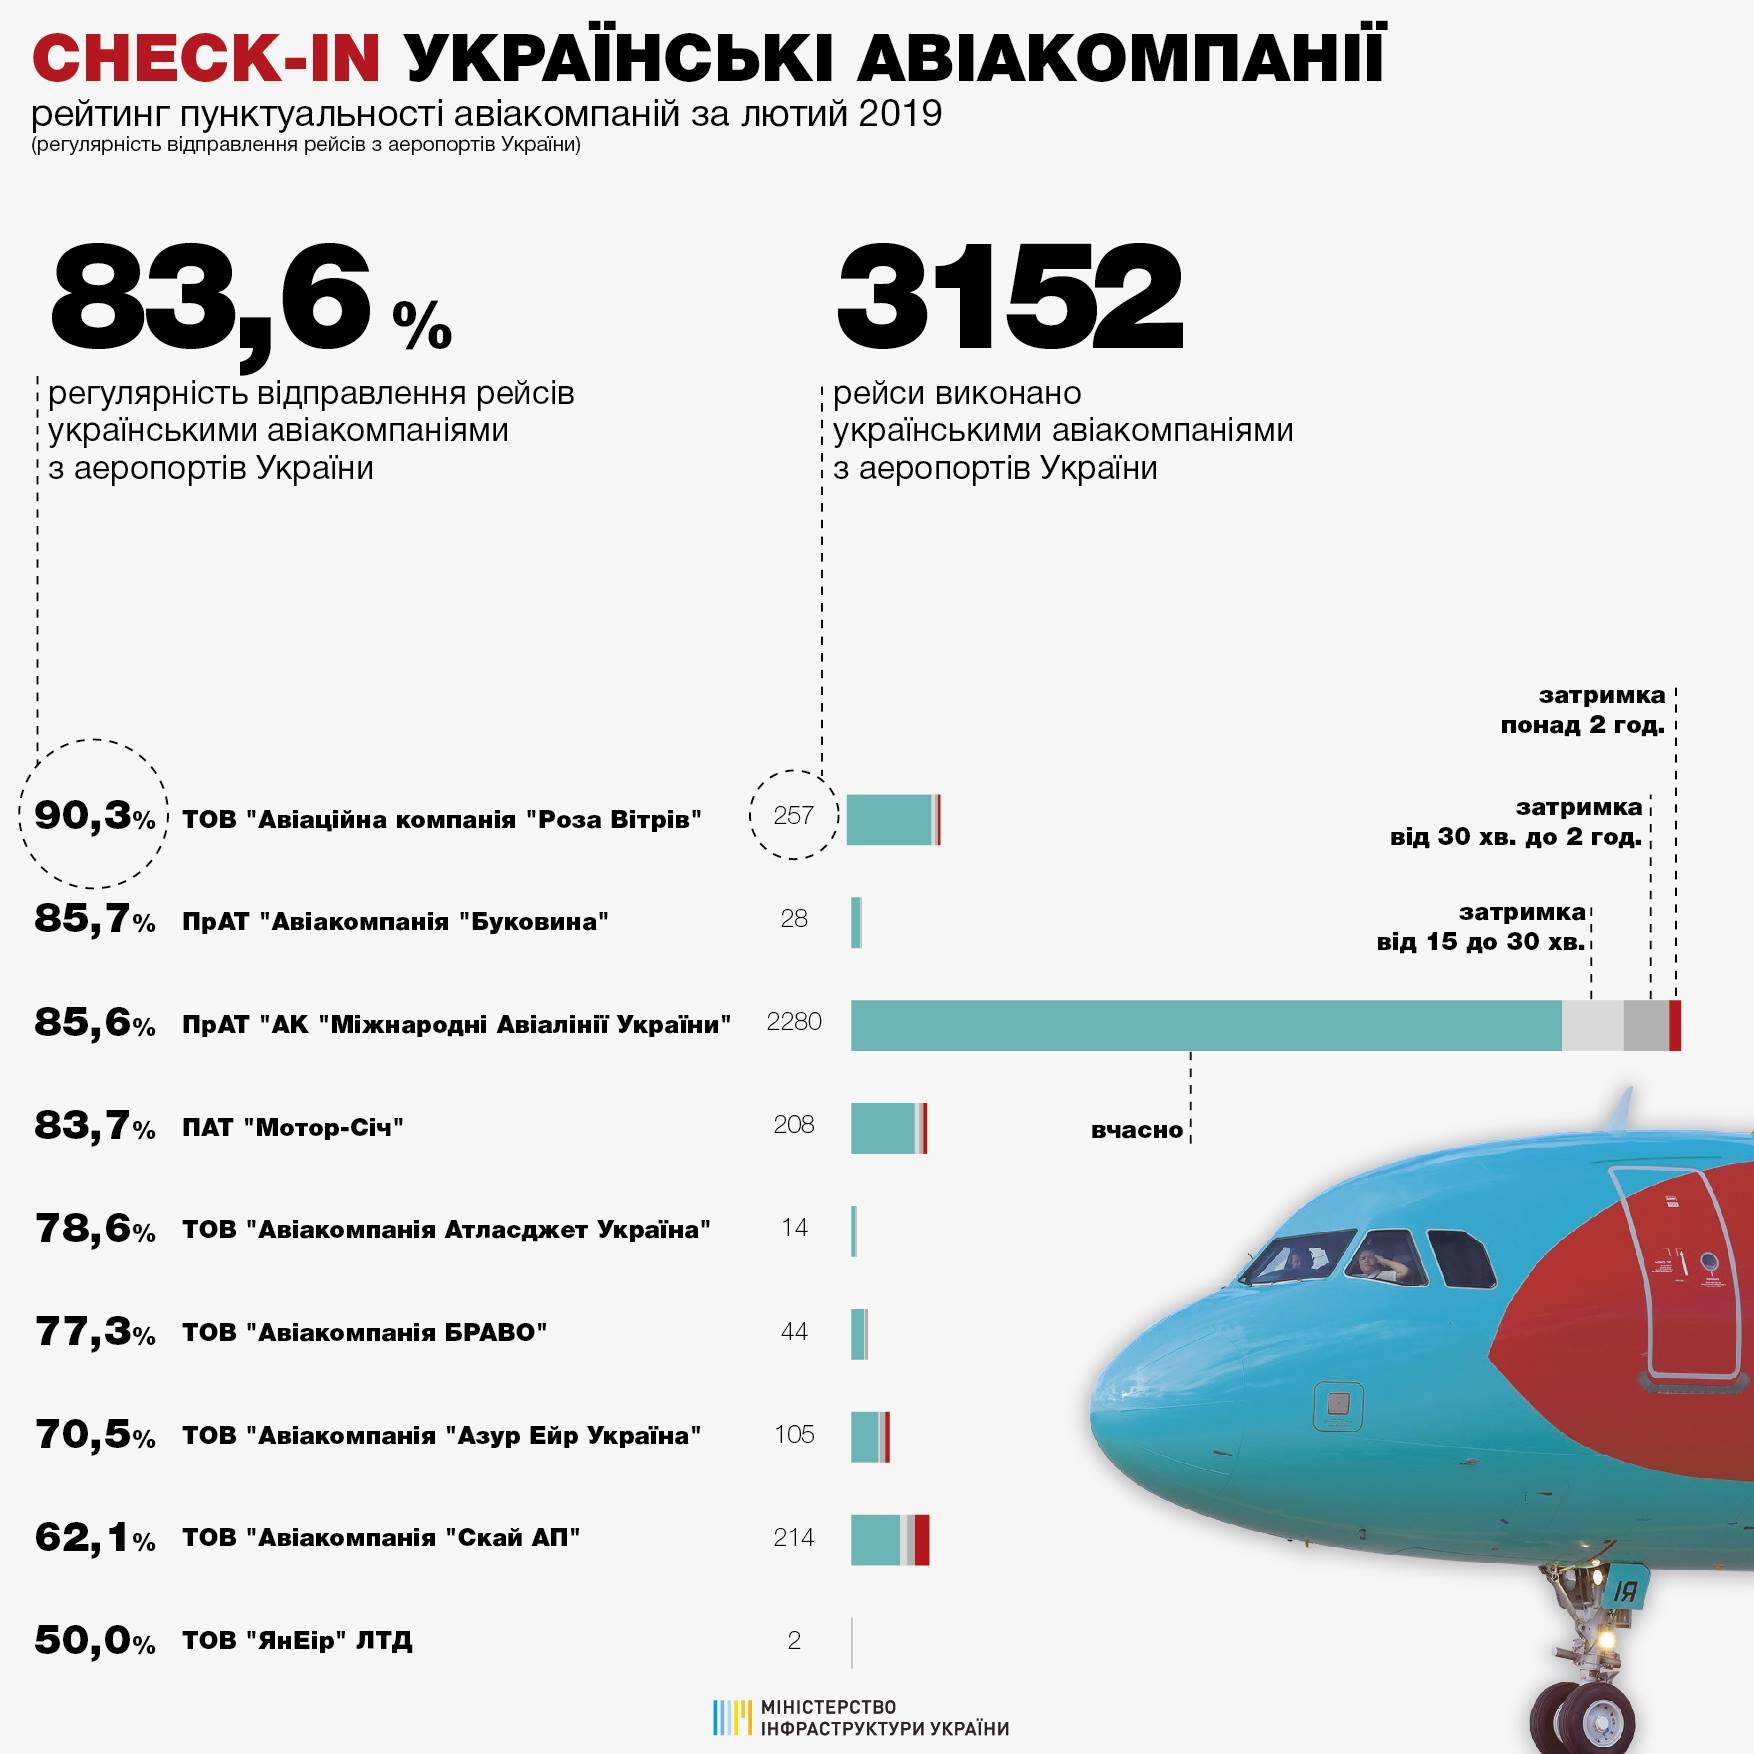 Рейтинг пунктуальности украинских авиакомпаний в феврале 2019 года: